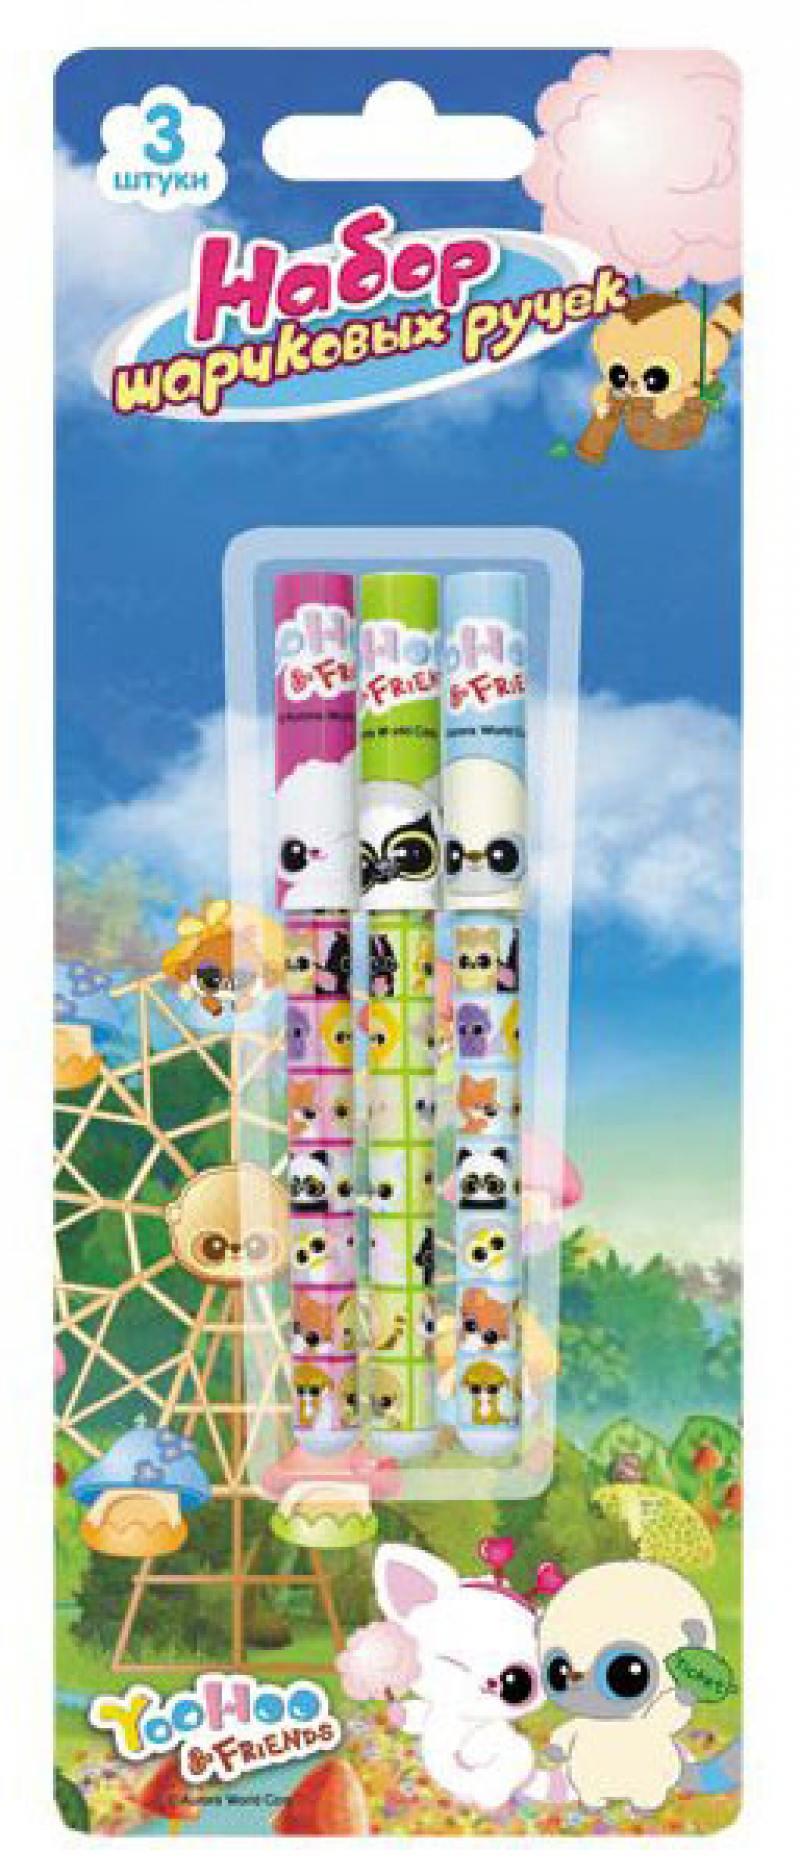 Набор шариковых ручек Action! Yoohoo 3 шт YH-ABP151/3 YH-ABP151/3 набор цветных карандашей action yoohoo 6 шт утолщенные yh acp115 06 yh acp115 06